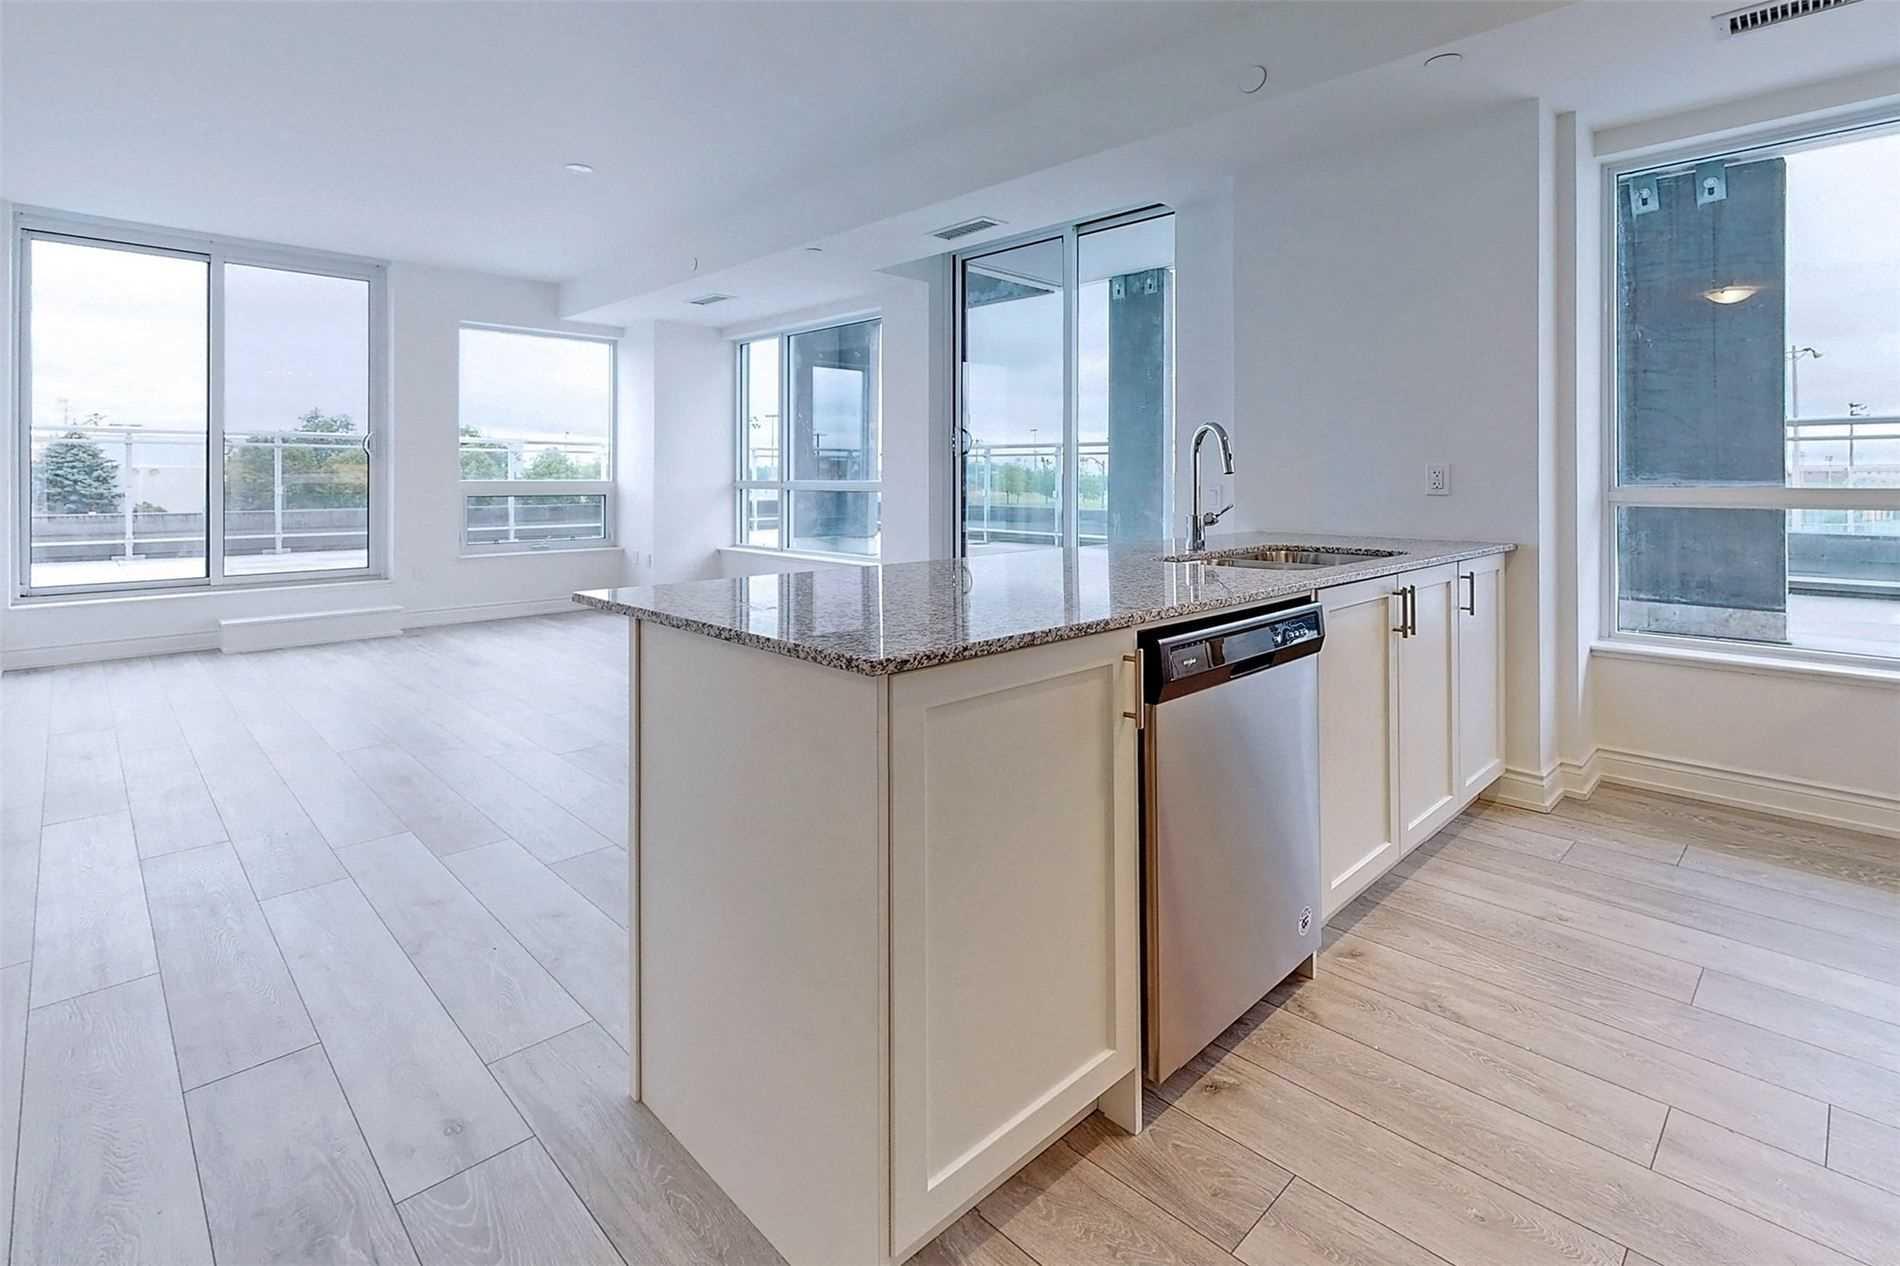 221 - 1050 Main St E - Dempsey Condo Apt for sale, 3 Bedrooms (W5398557) - #15